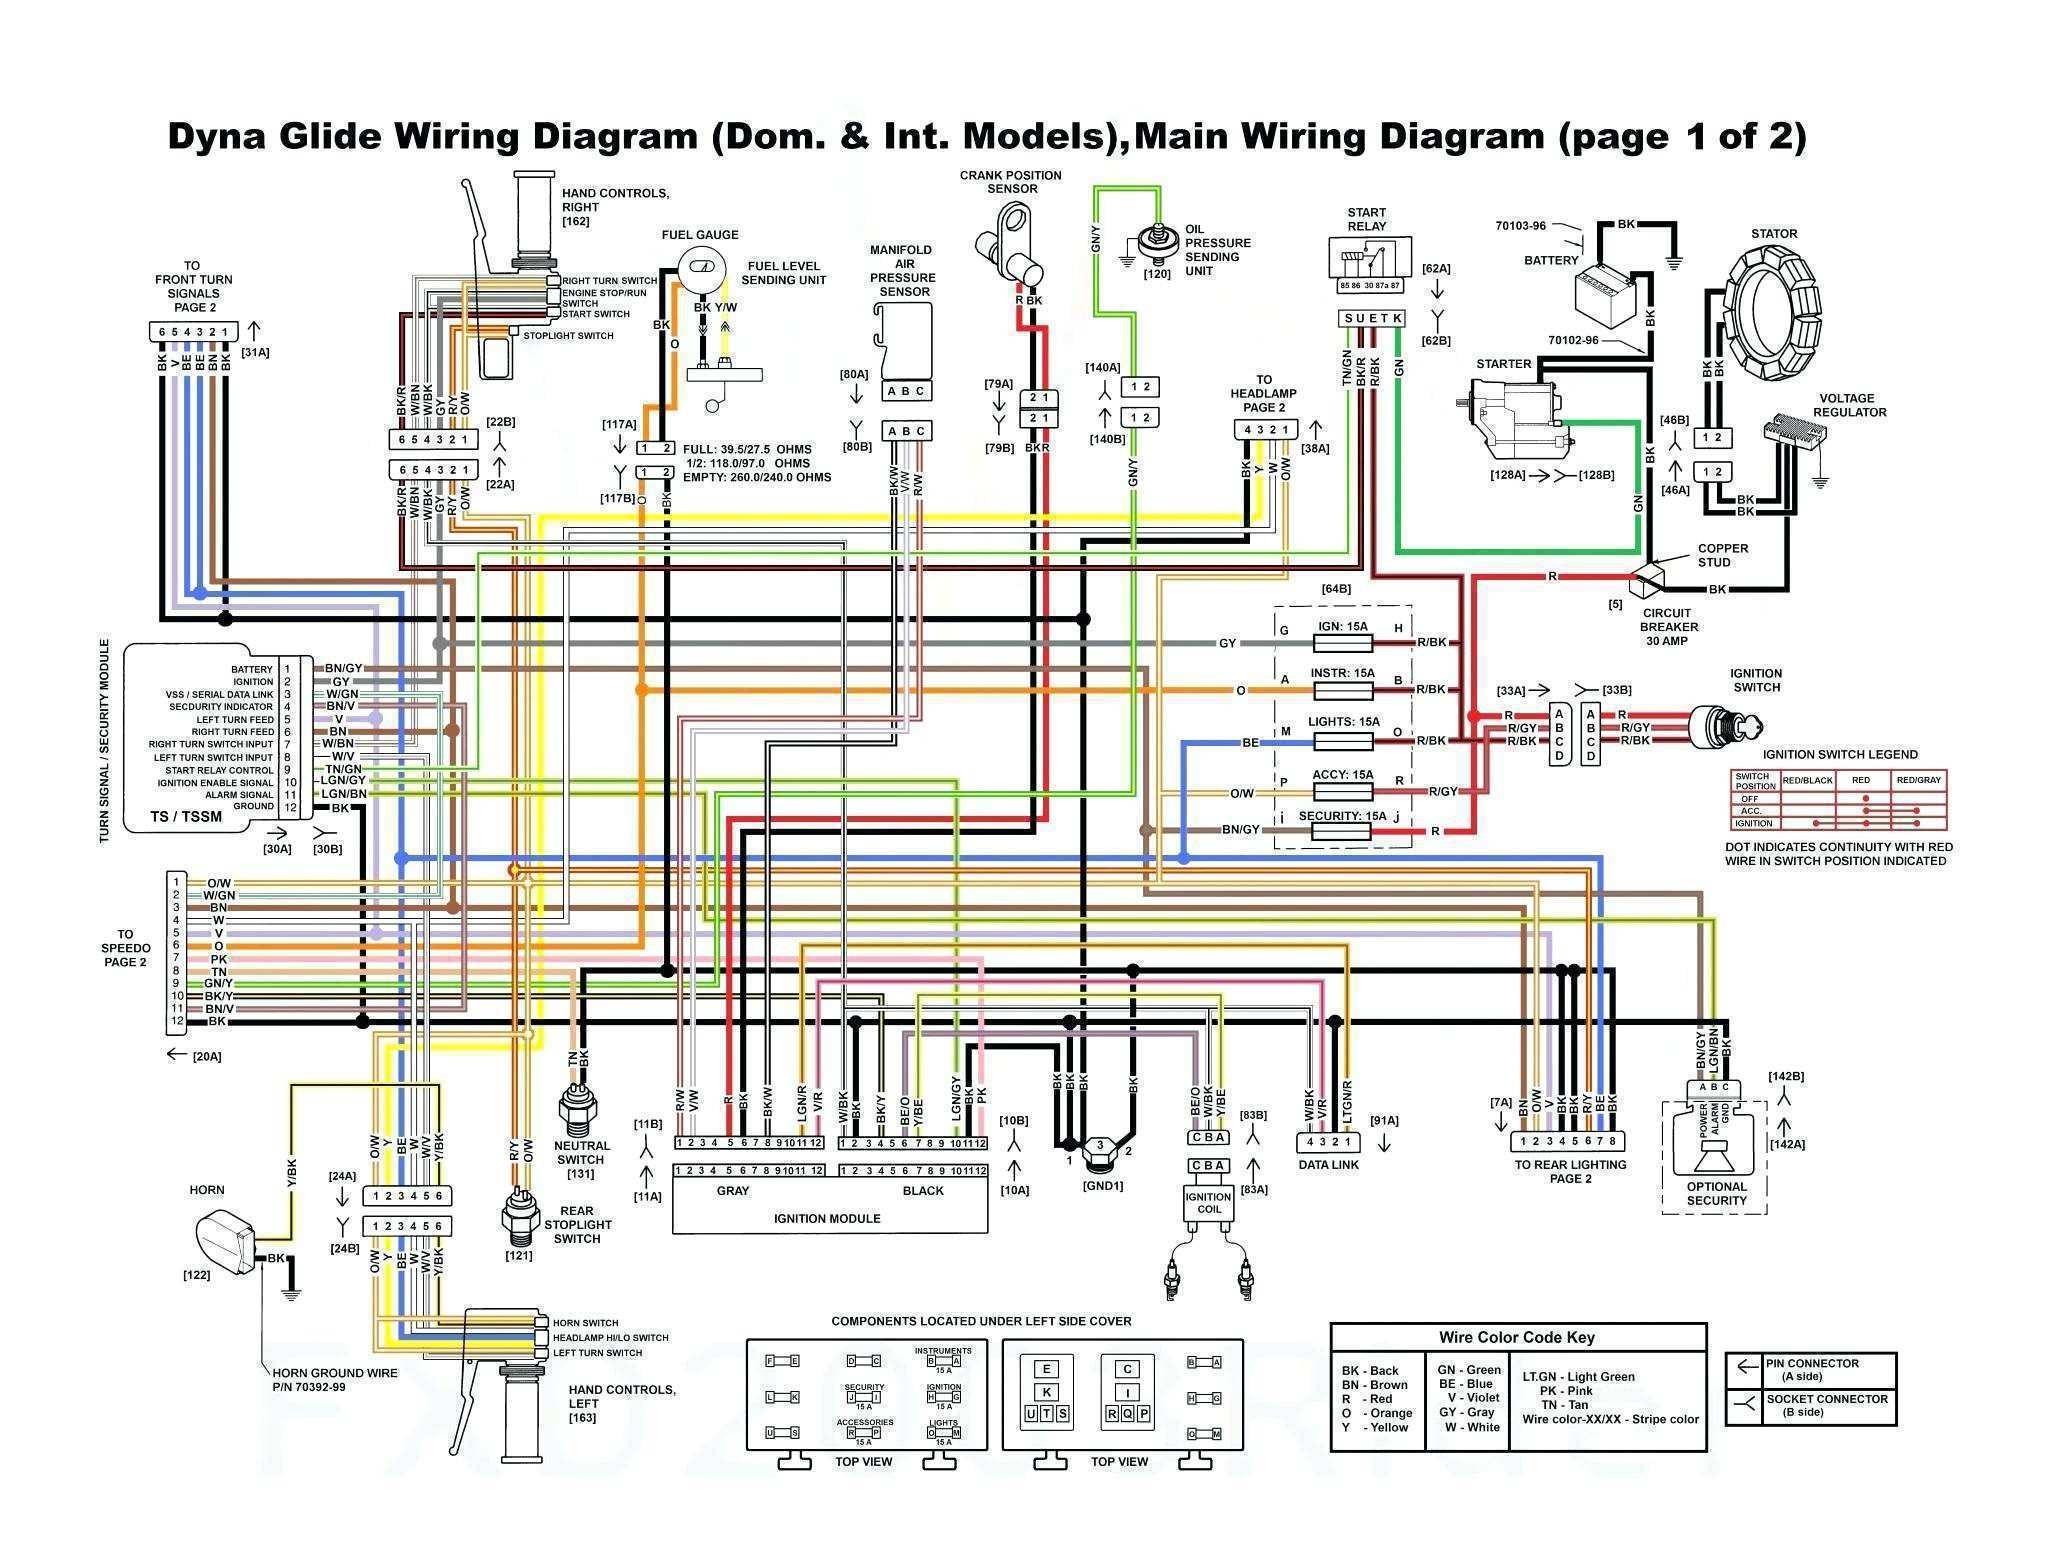 John Deere 345 Dash Wiring Diagram Wrg 1641] J1939 to Obc Wiring Diagram Of John Deere 345 Dash Wiring Diagram